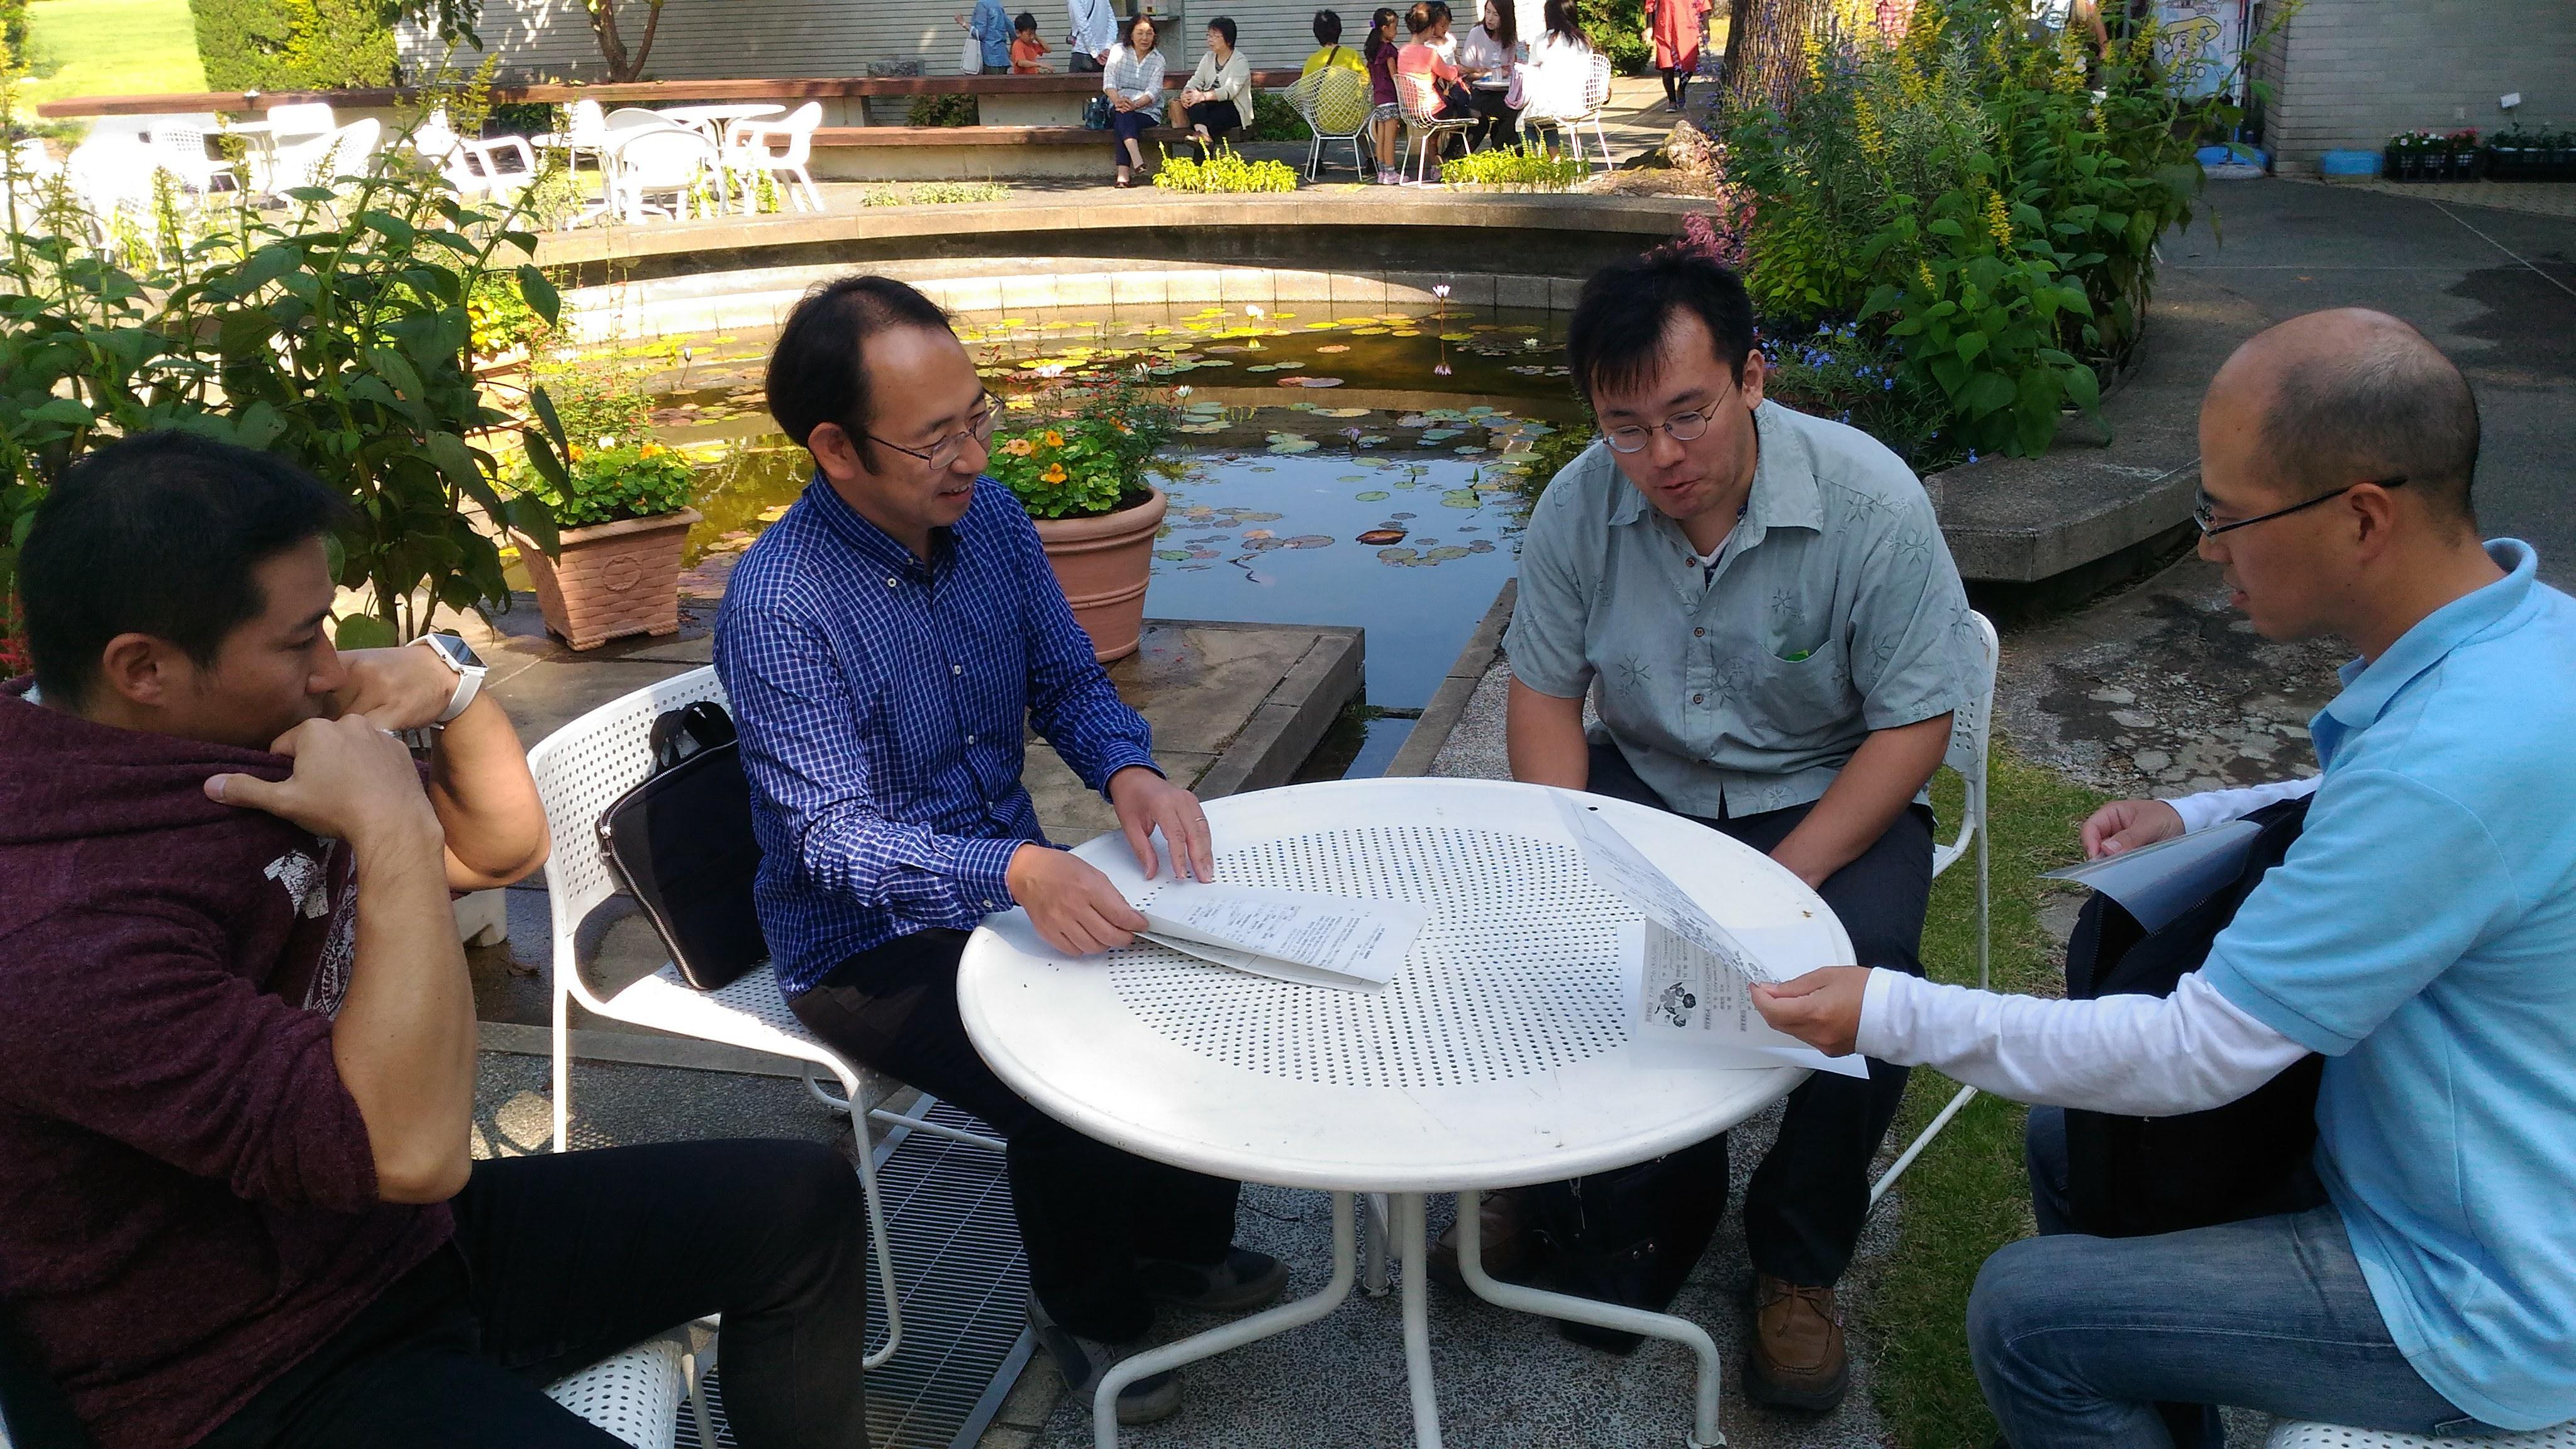 リーダー三浦さんと水戸シィ情報政策課、北條課長、佐藤さん、安藏さんで作戦会議